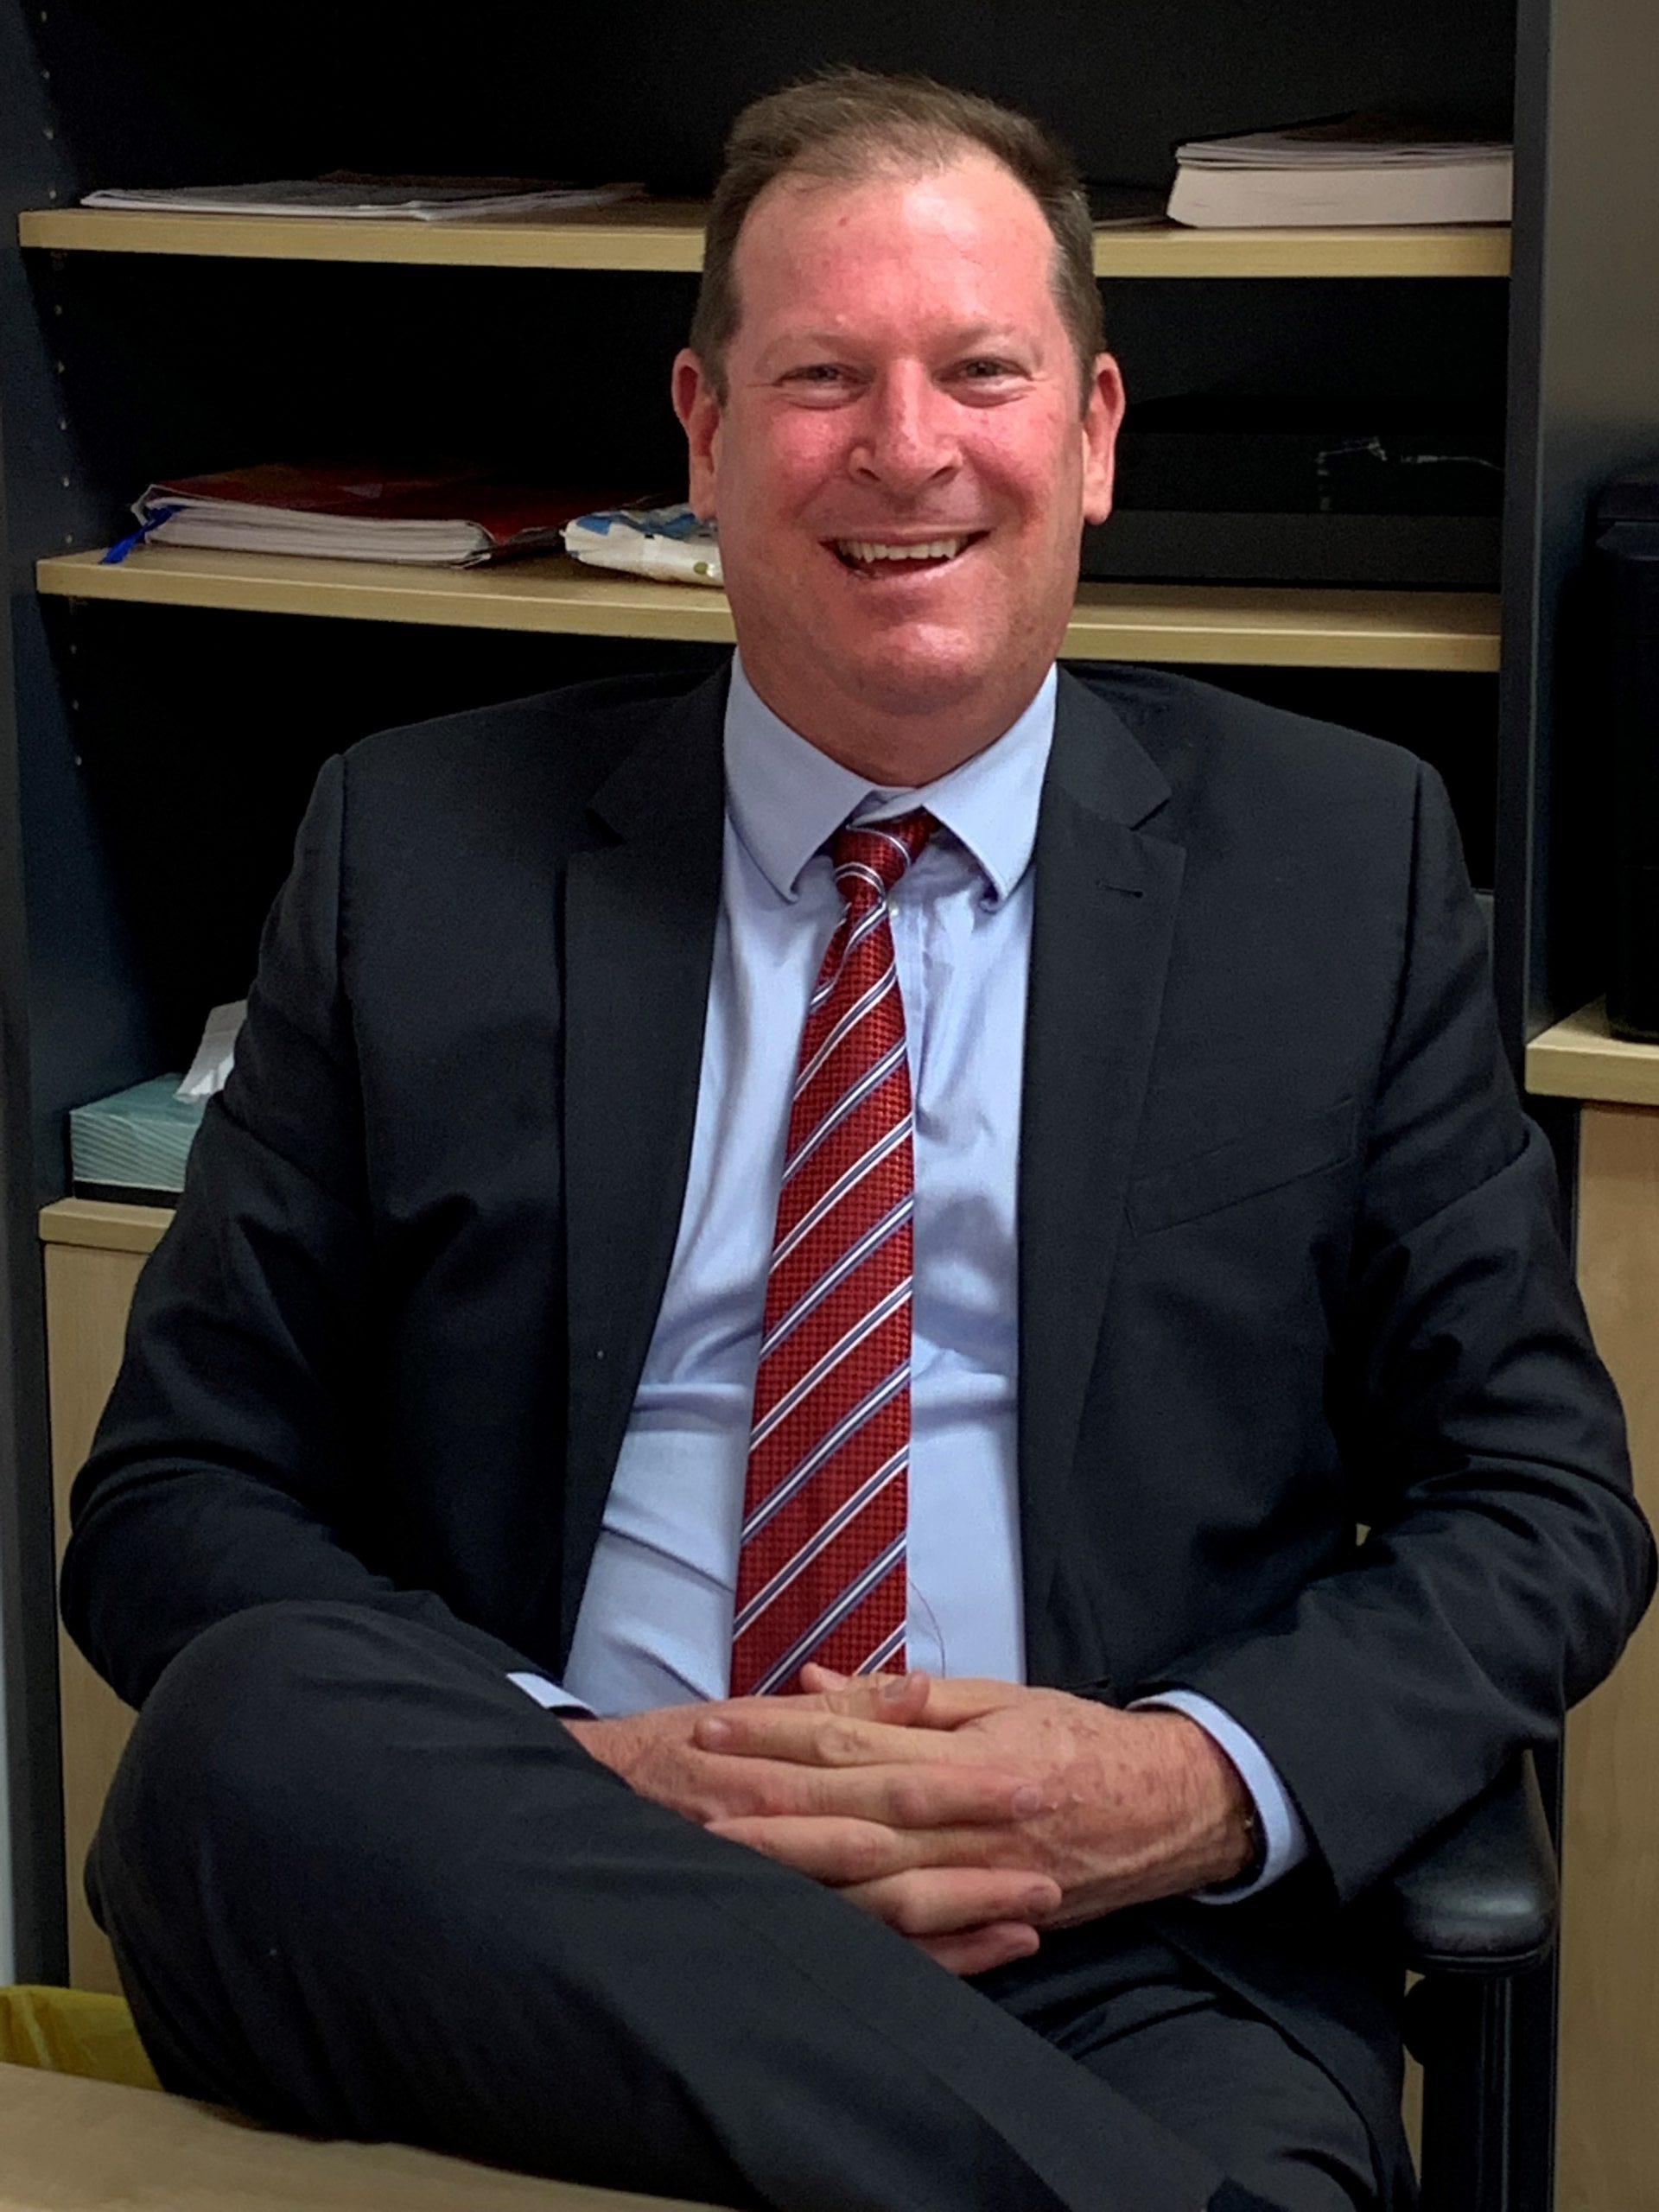 Mr Darren Parks, Principal